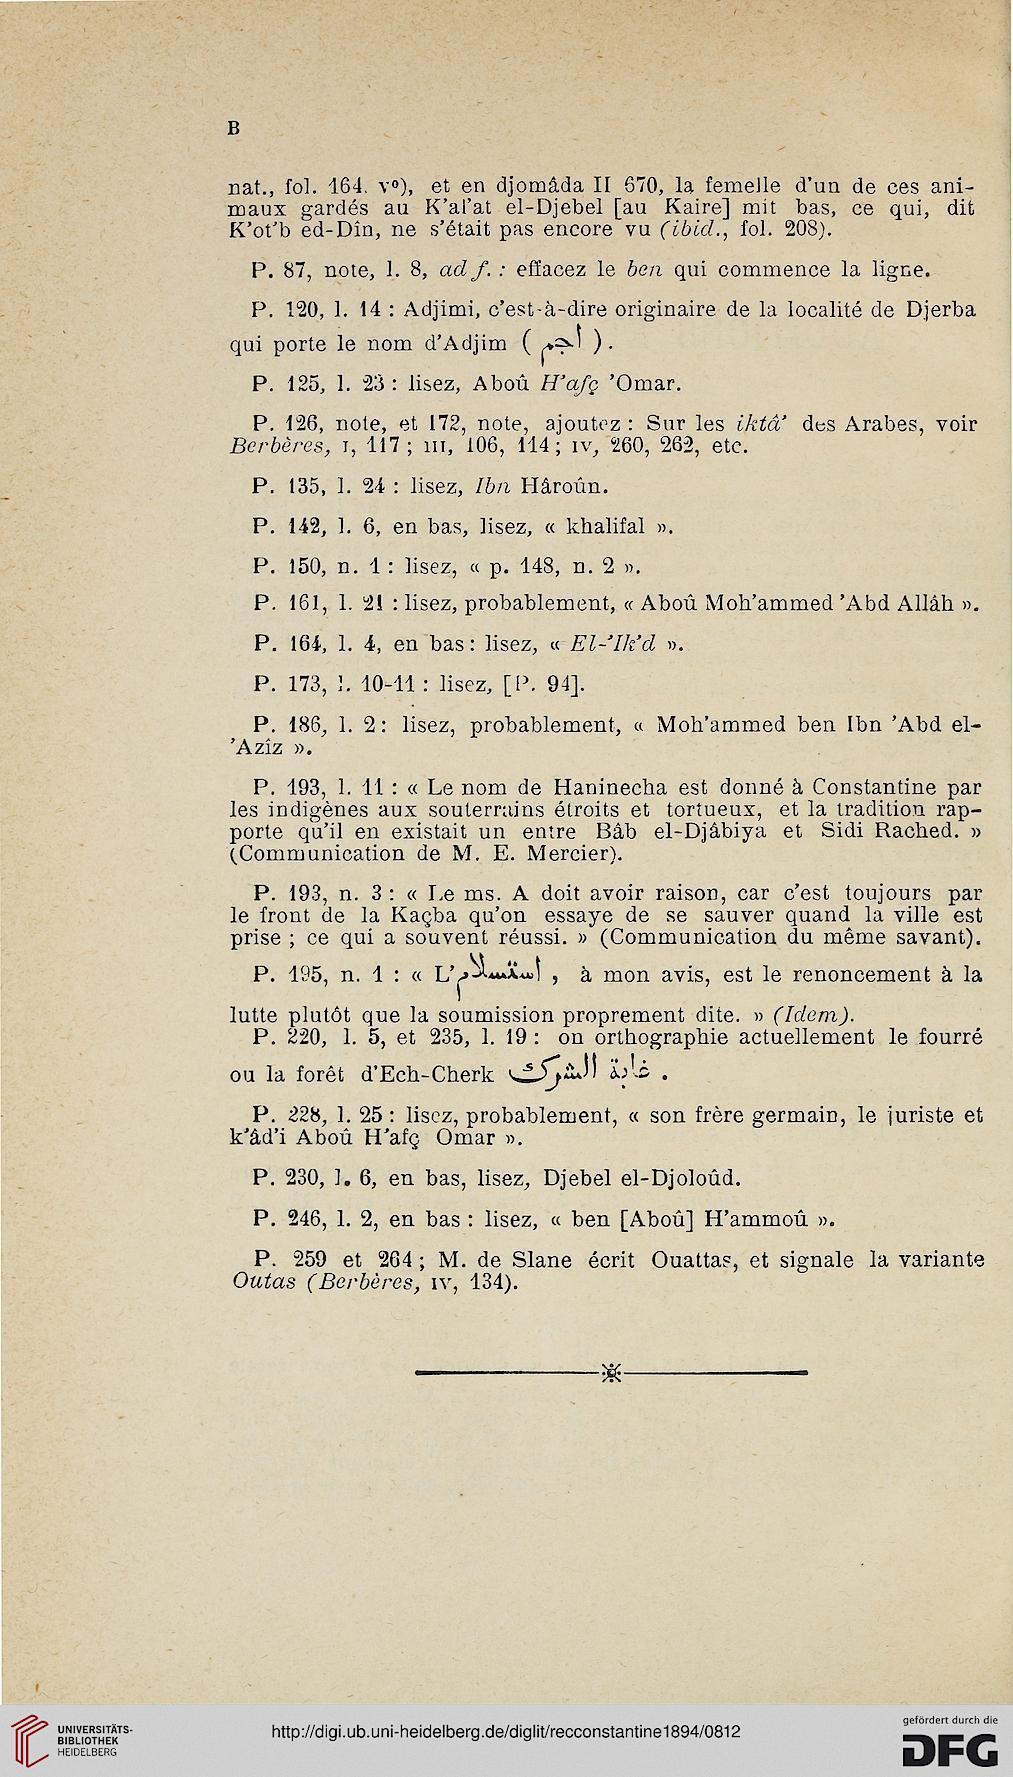 Recueil Des Notices Et Memoires De La Societe Archeologique Du